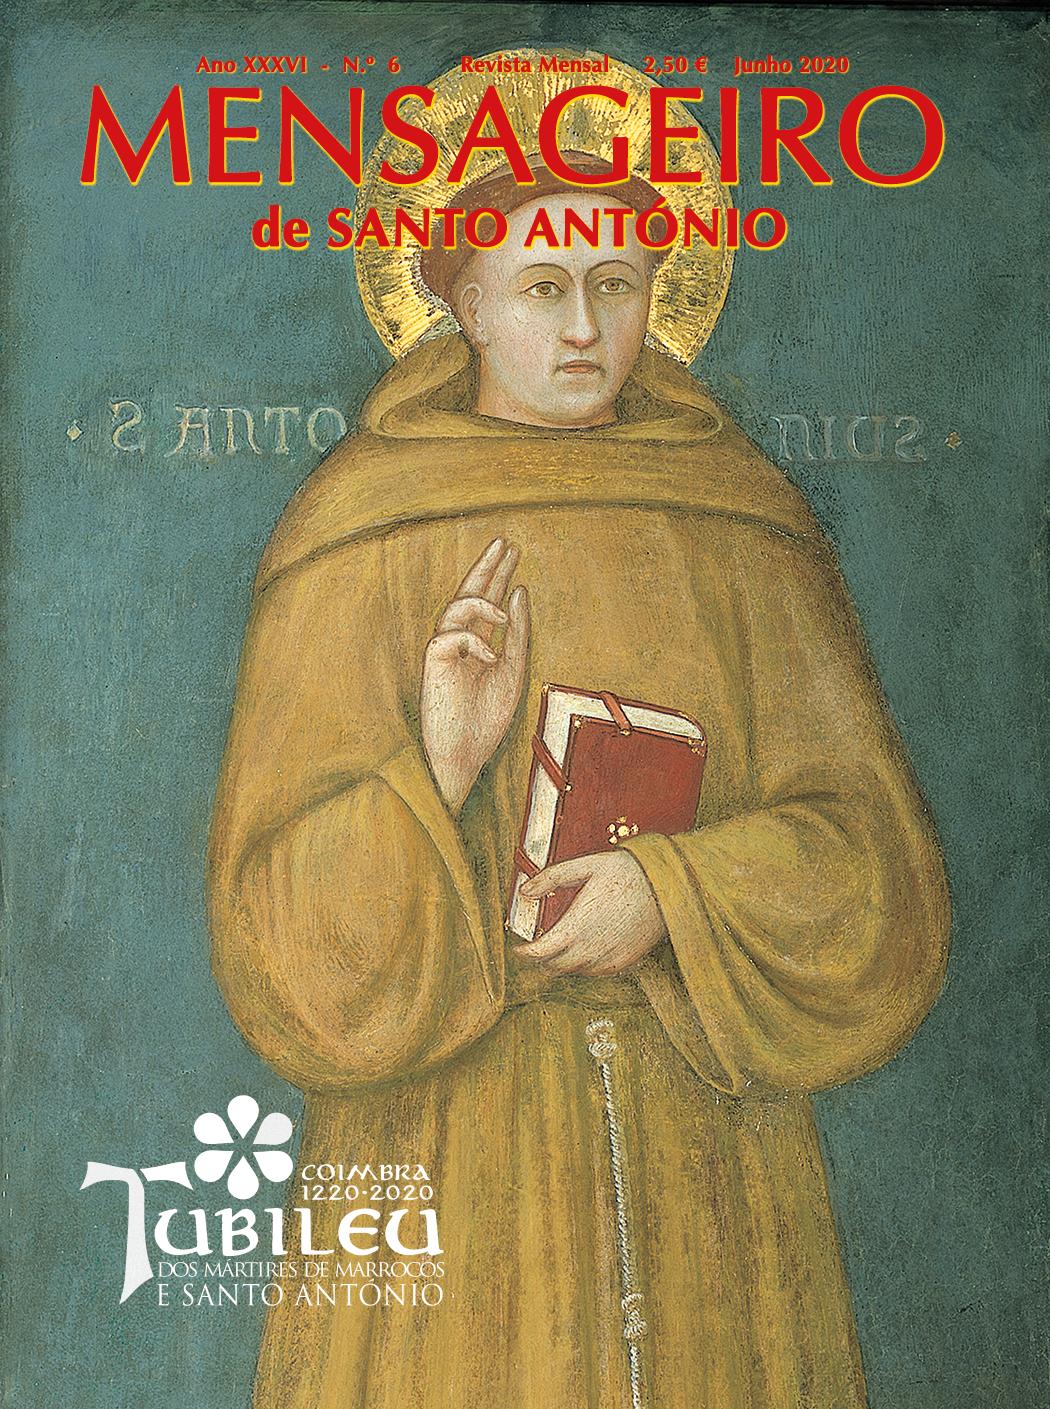 Capa Mensageiro de Santo António junho 2020, Jubileu de Santo António 2020